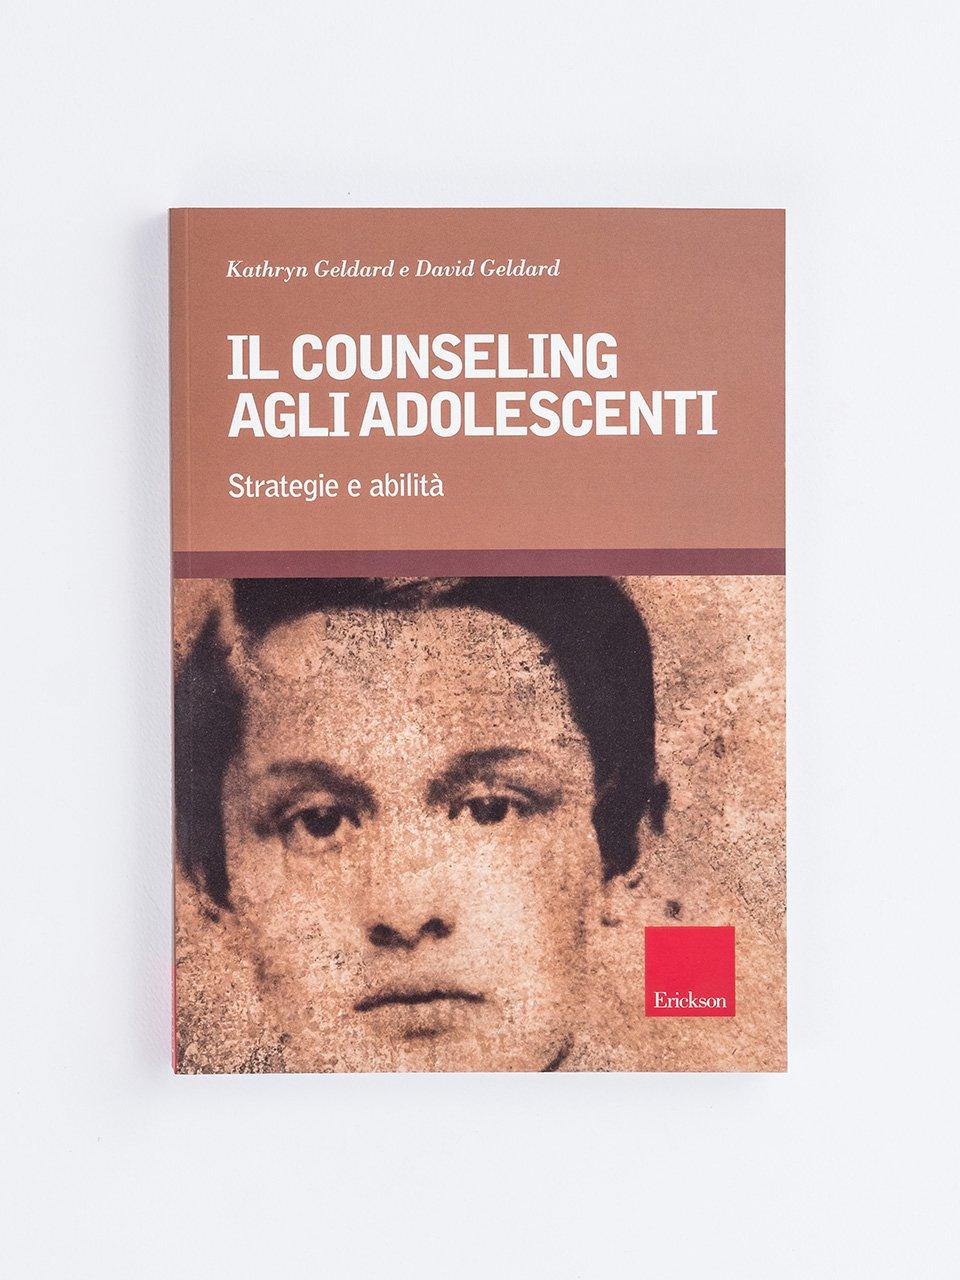 Il counseling agli adolescenti - Libri e eBook di Saggistica: novità e classici - Erickson